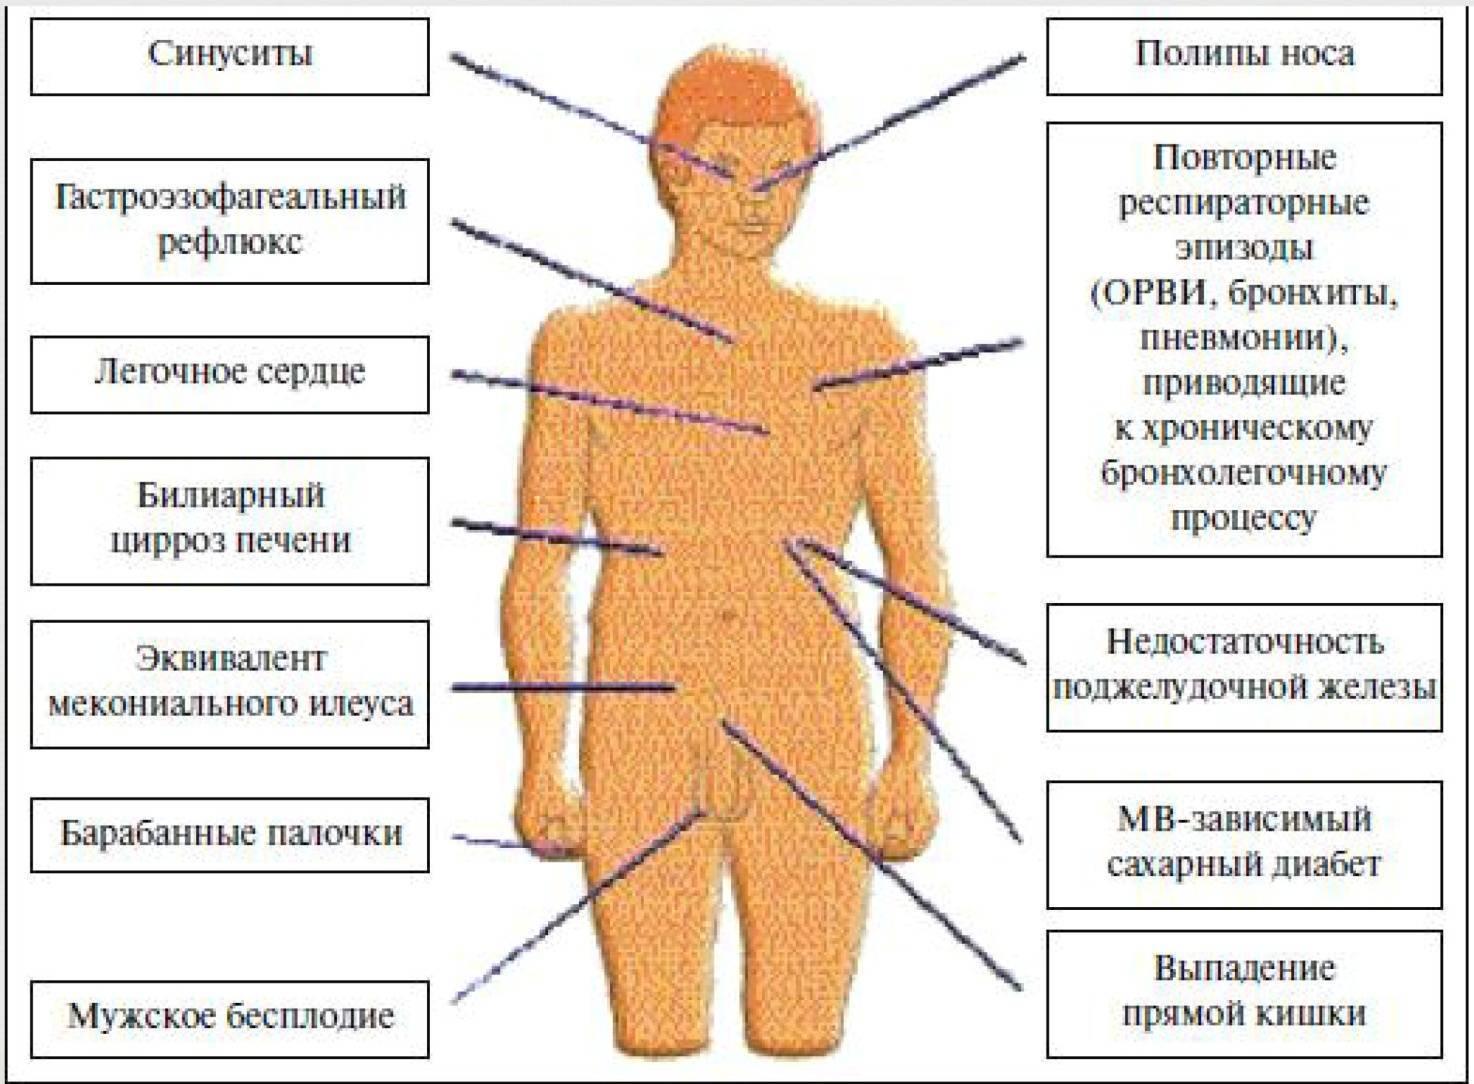 Муковисцидоз у детей и новорожденных - что это за болезнь, признаки, симптомы и причины, диагностика и лечение с фото